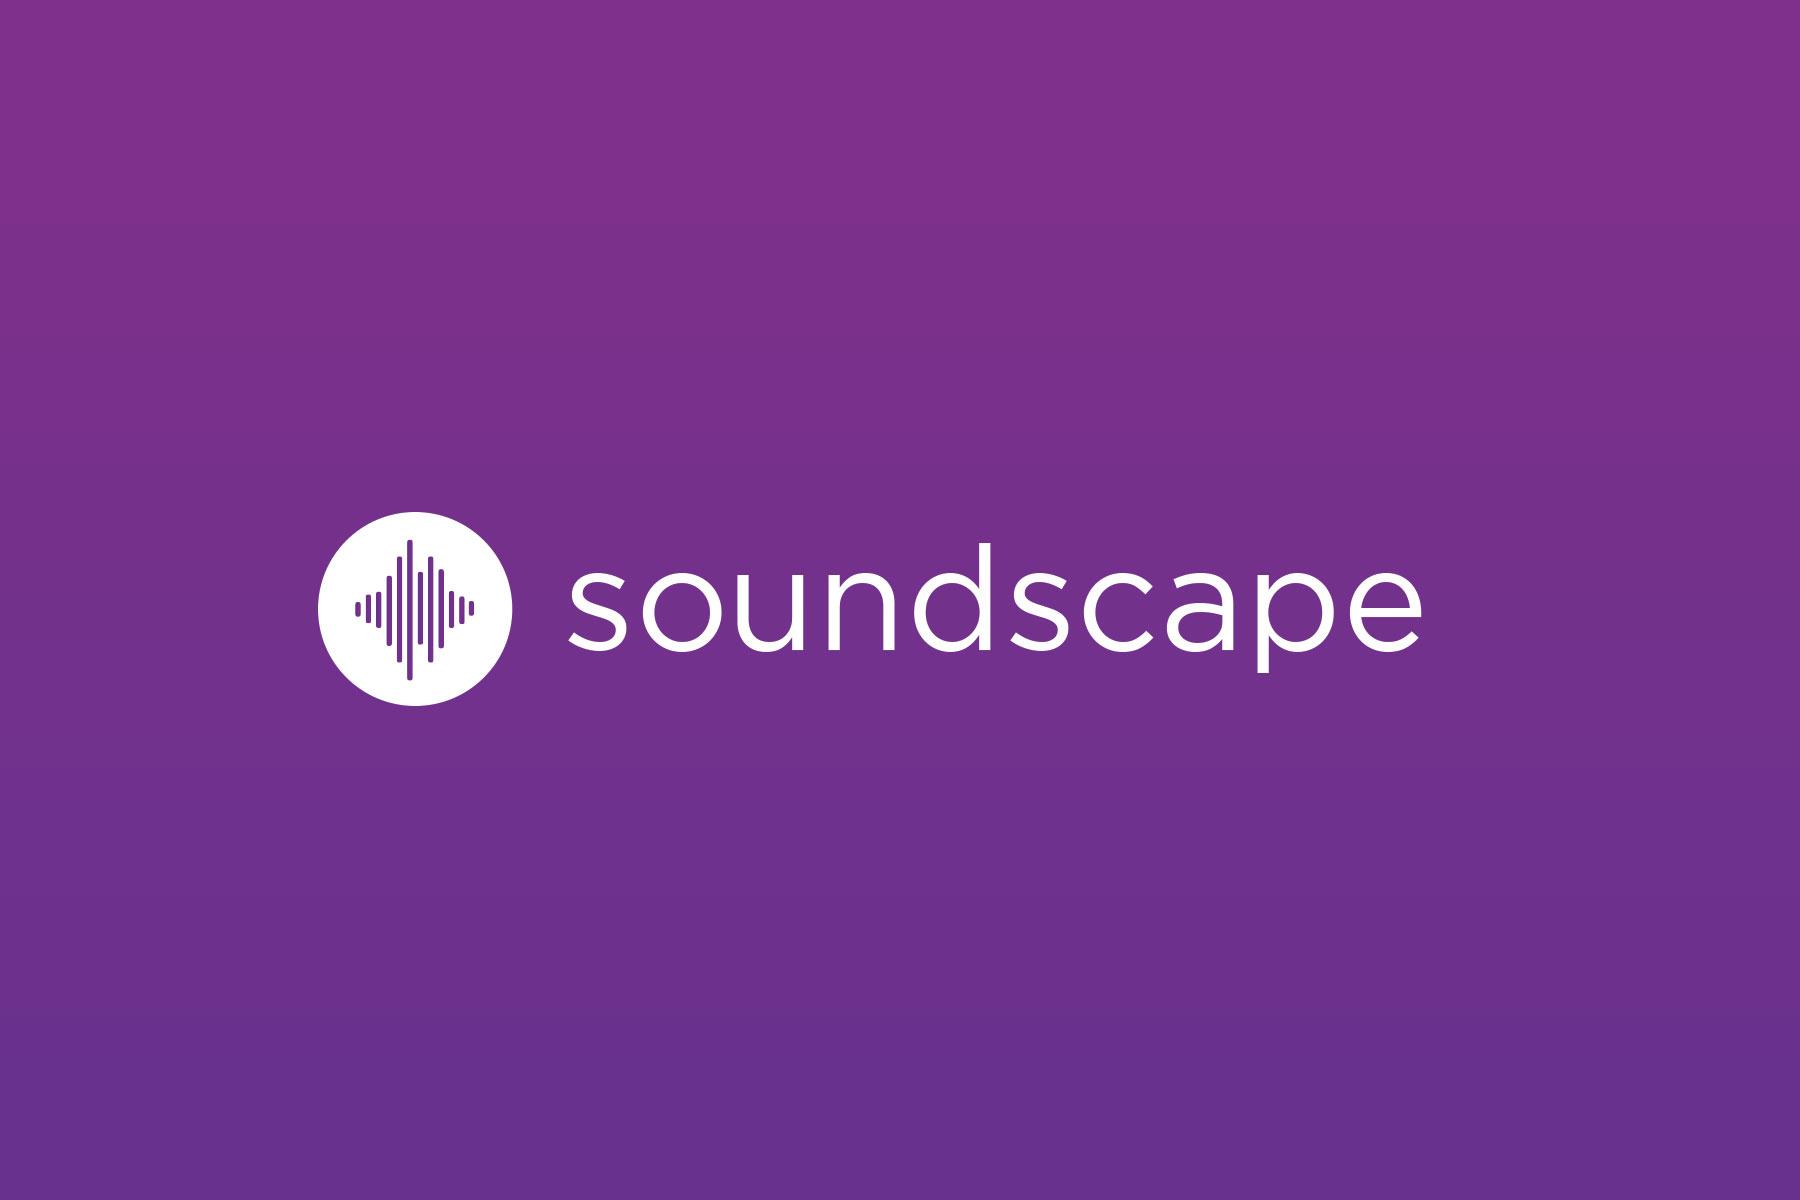 soundscape-logo-full